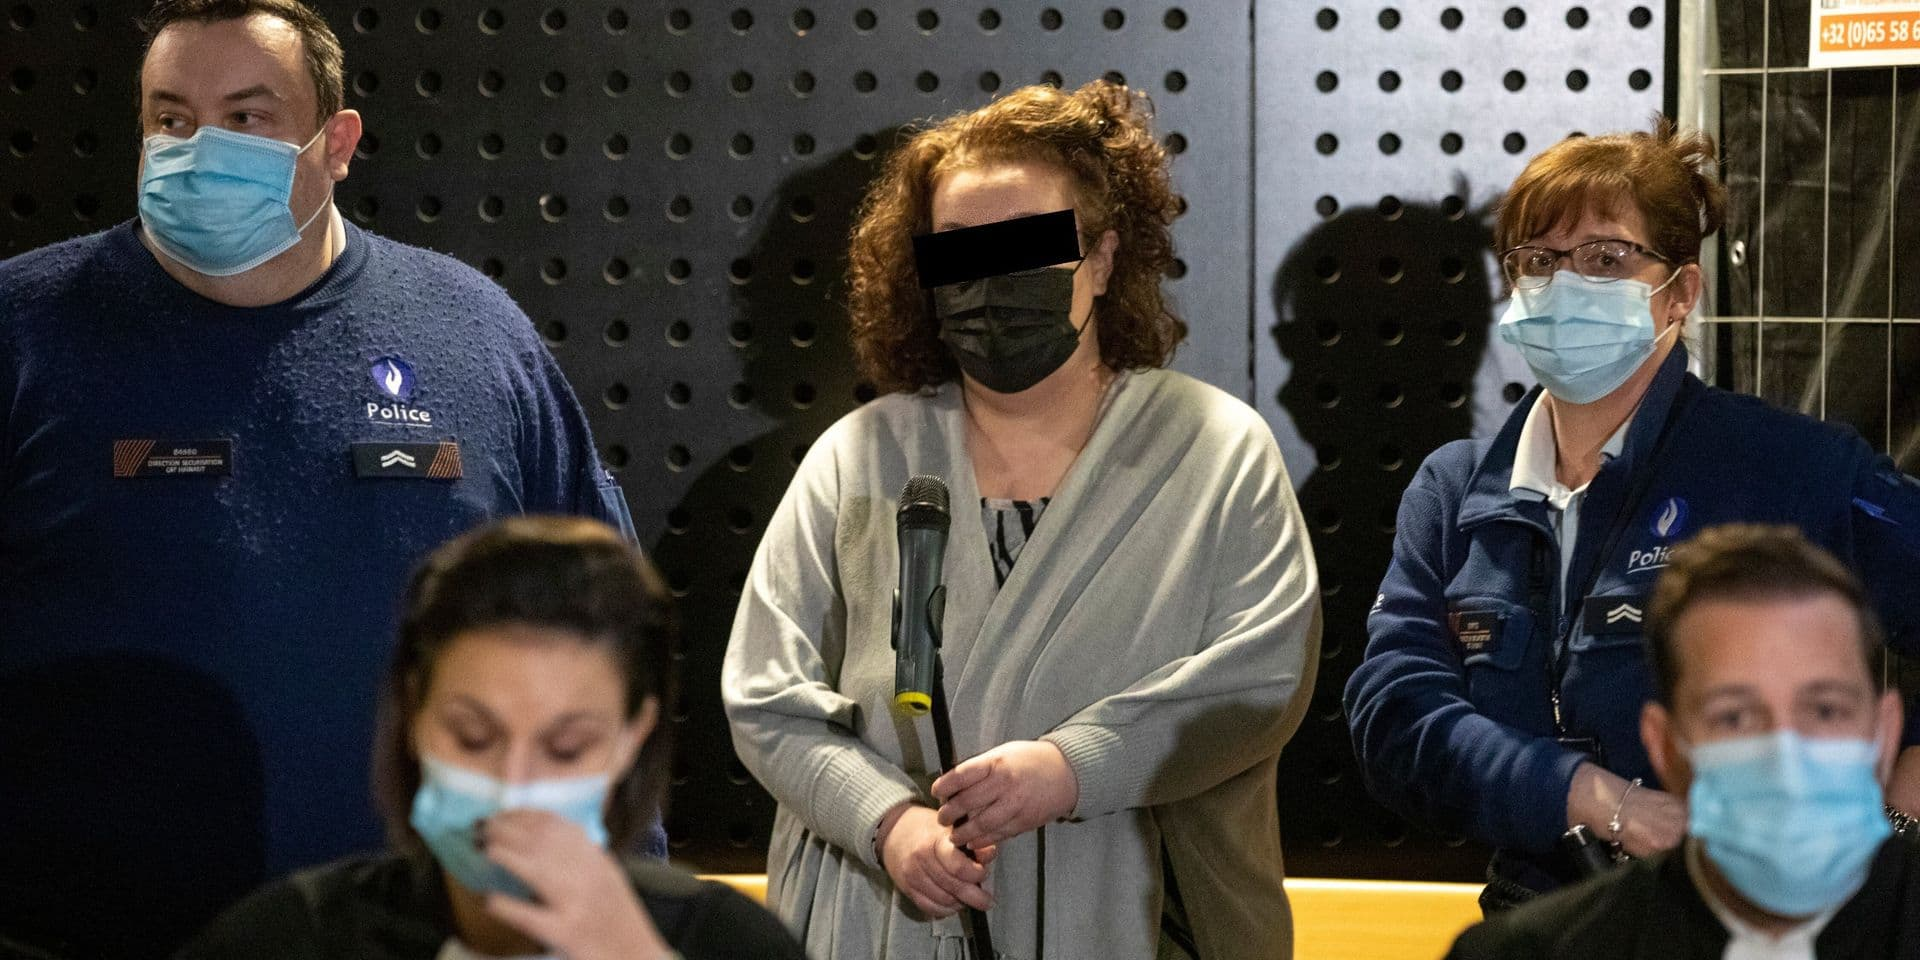 Assises Hainaut: Marjorie Leclercq reconnue coupable de l'incendie qui a tué Patricia Allemeersch à Jemappes